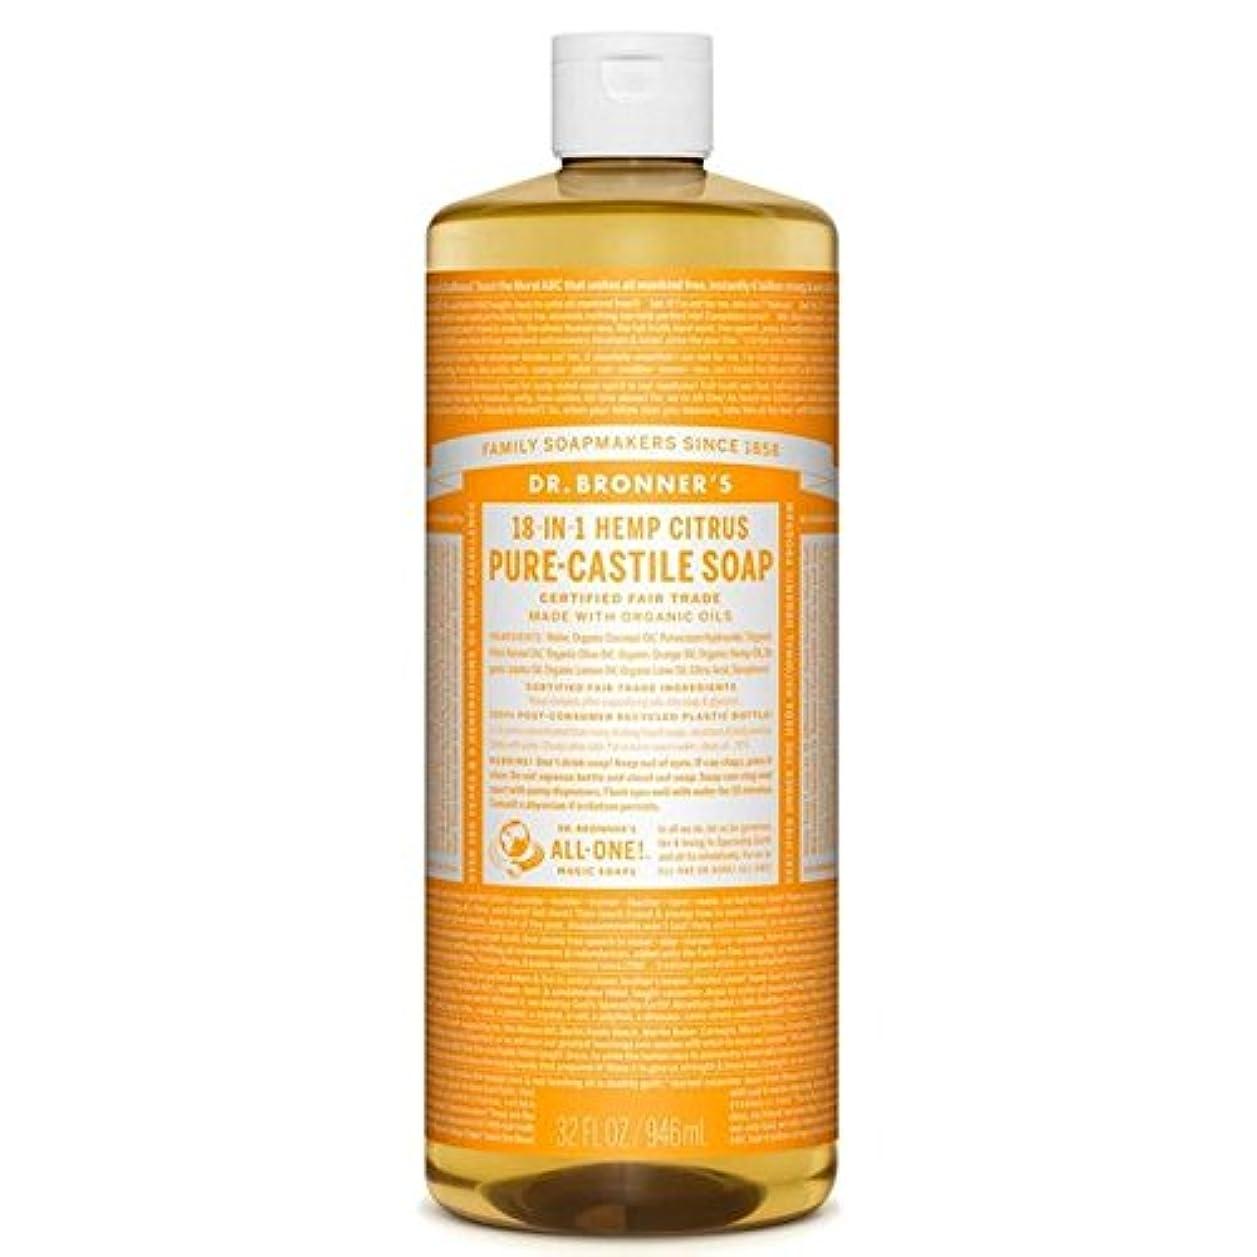 人気のステーキ不信のブロナーオーガニックシトラスカスティーリャ液体石鹸946ミリリットル x2 - Dr Bronner Organic Citrus Castile Liquid Soap 946ml (Pack of 2) [並行輸入品]